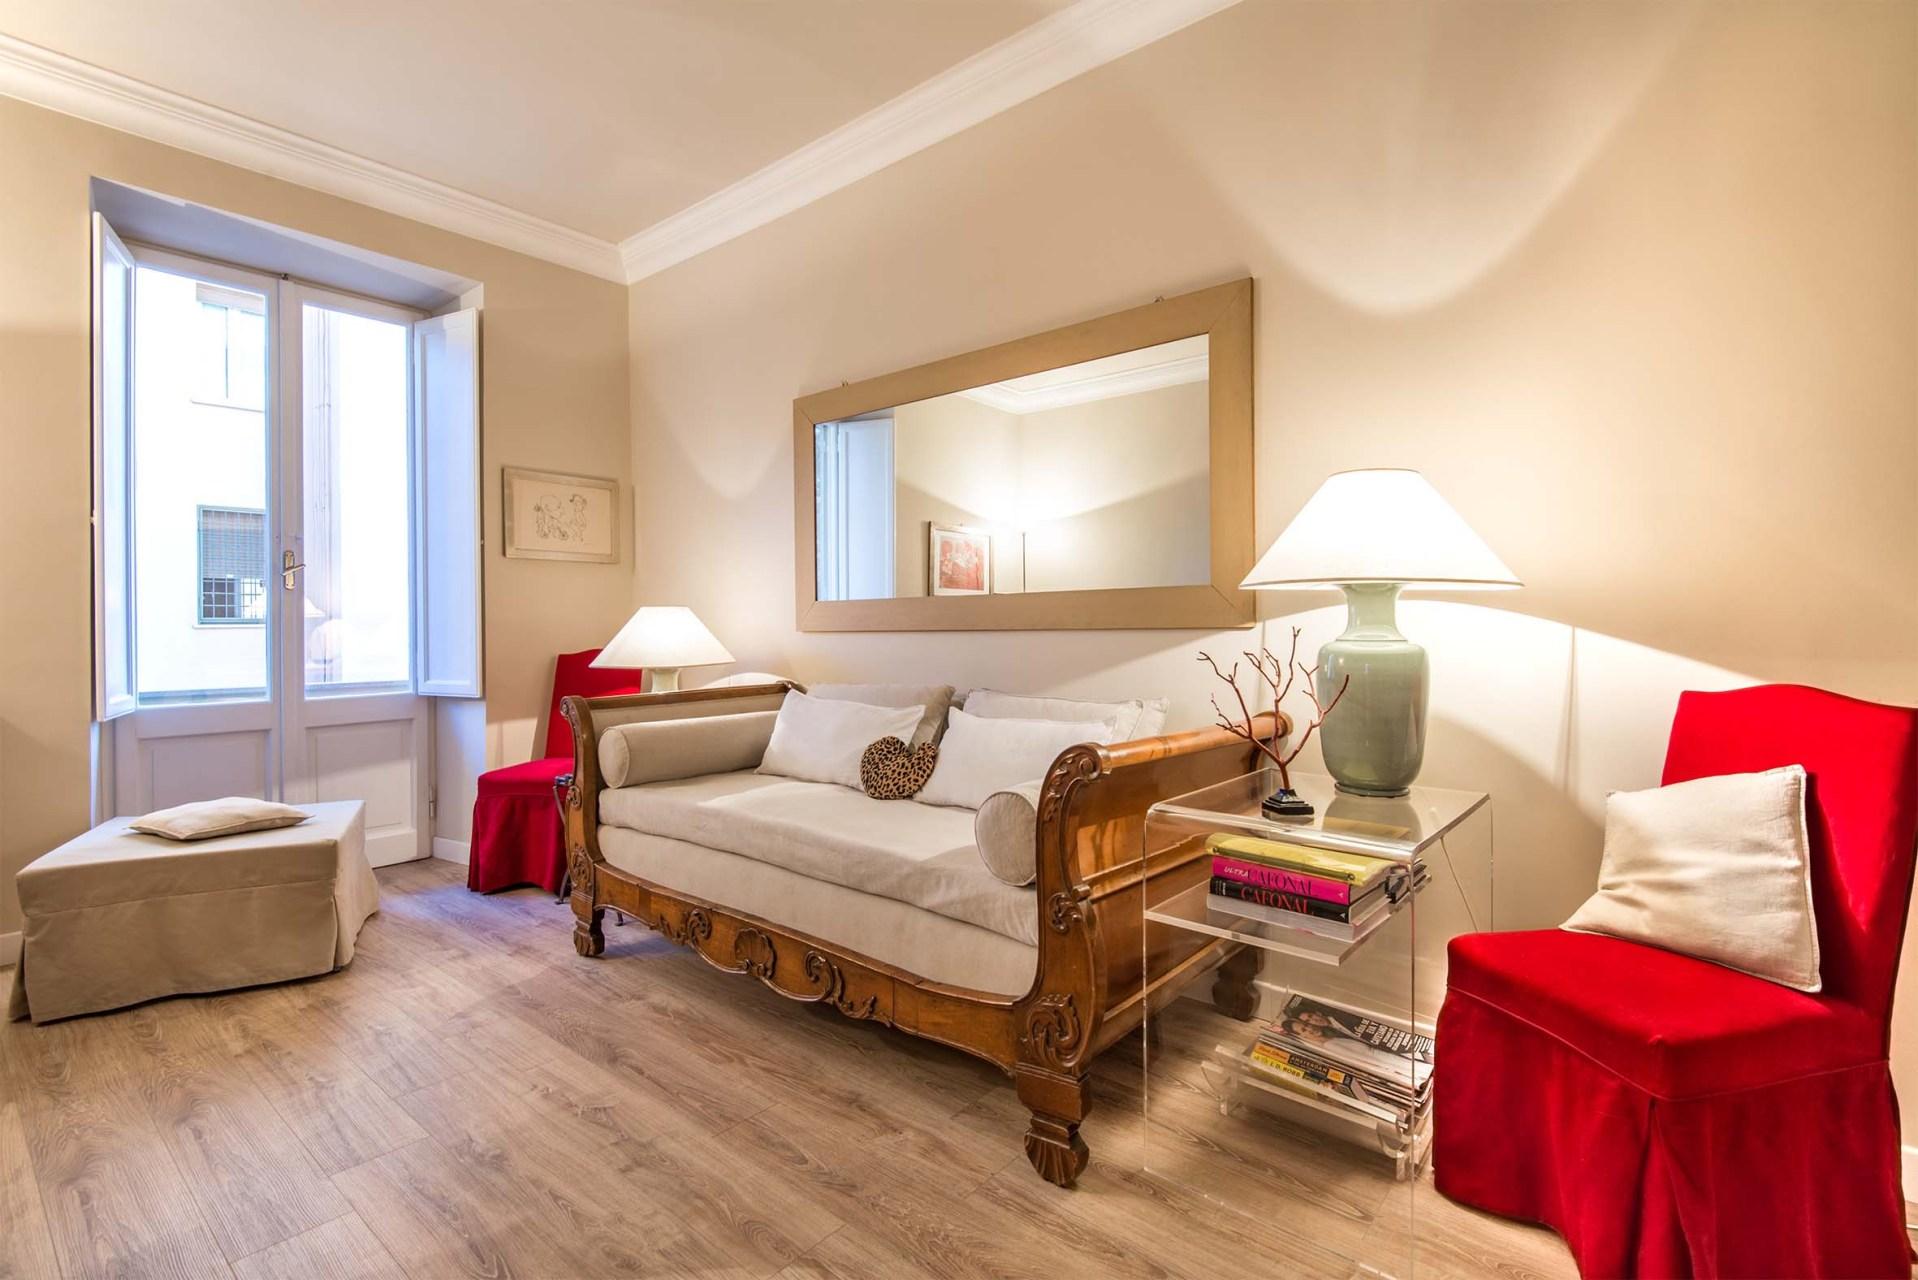 Apartment in Rome #1